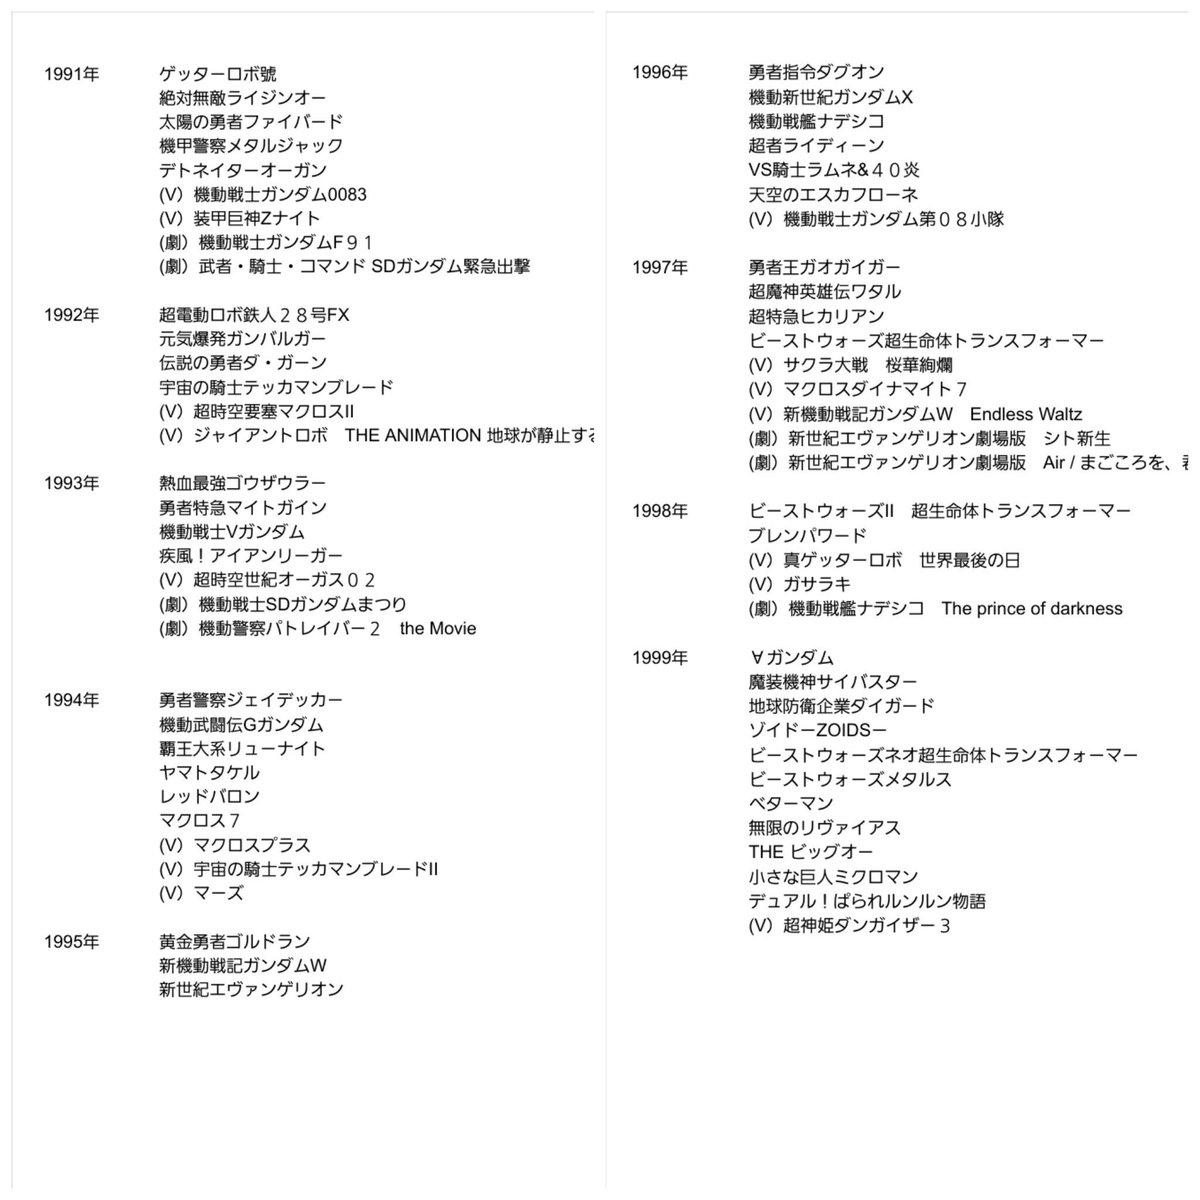 """ケンジくん(変形合体バカ) on Twitter: """"1900年代の日本のロボット ..."""